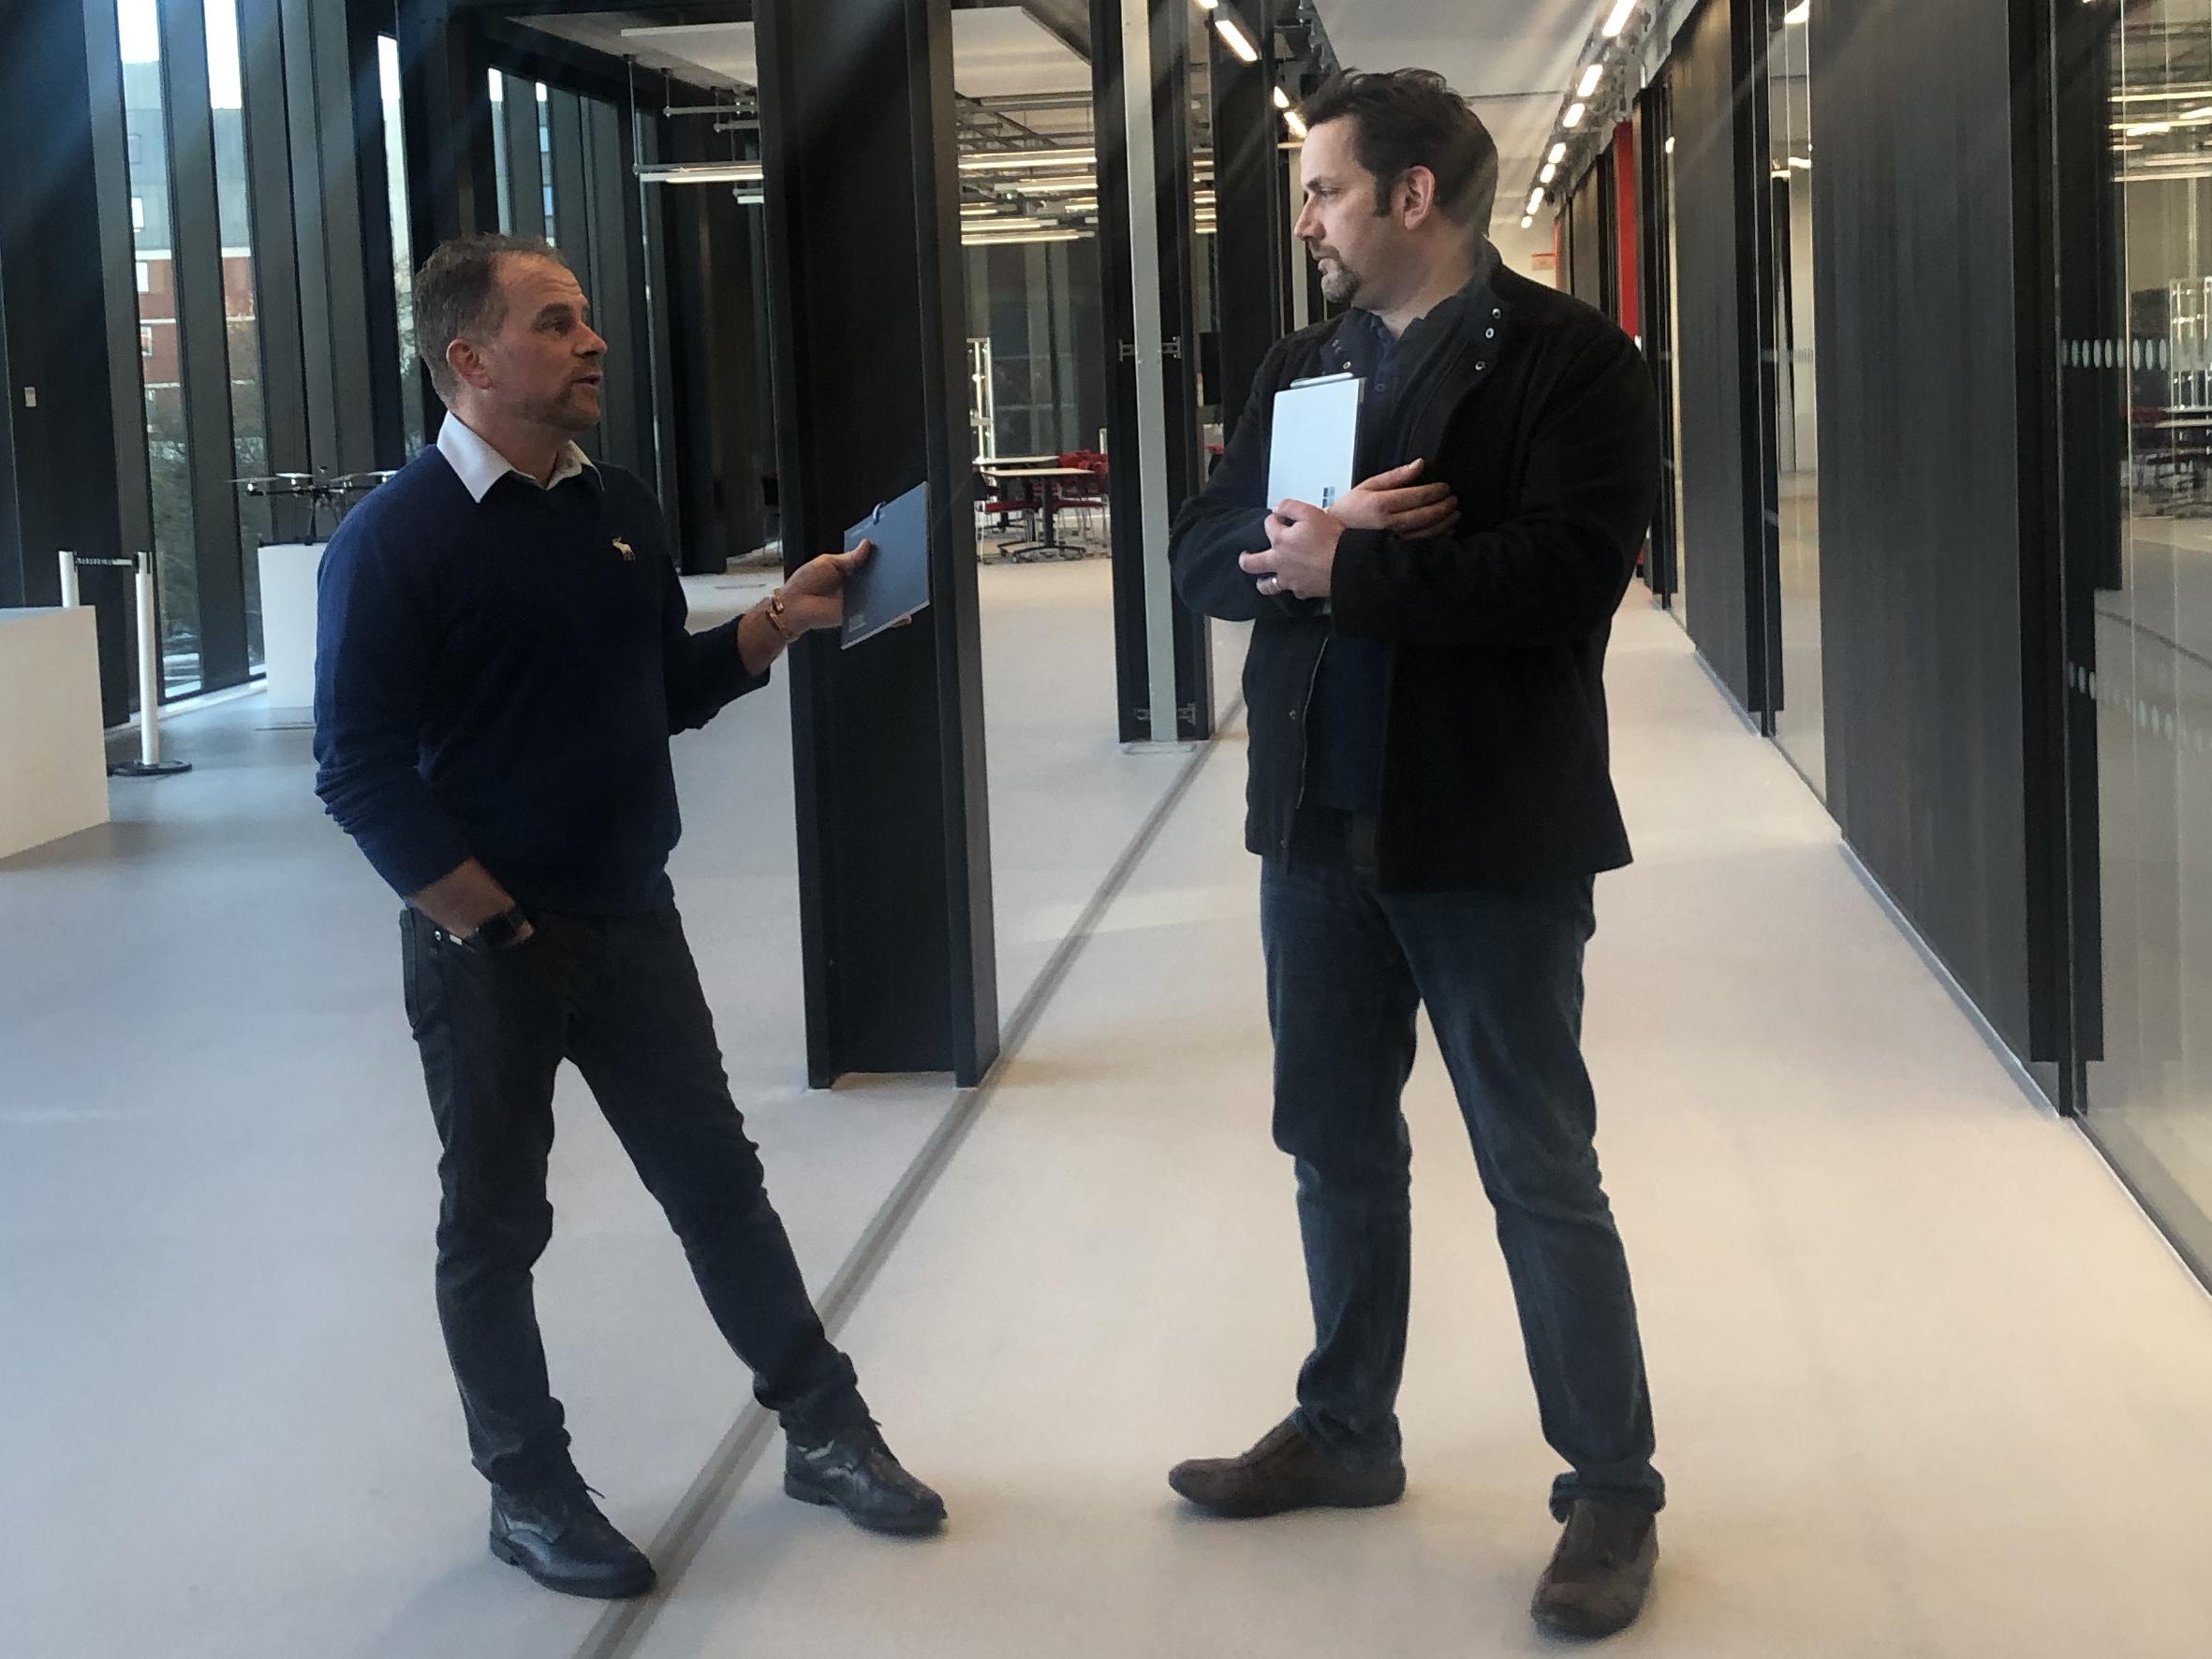 Phil Worden and Matt Dickinson of UCLan